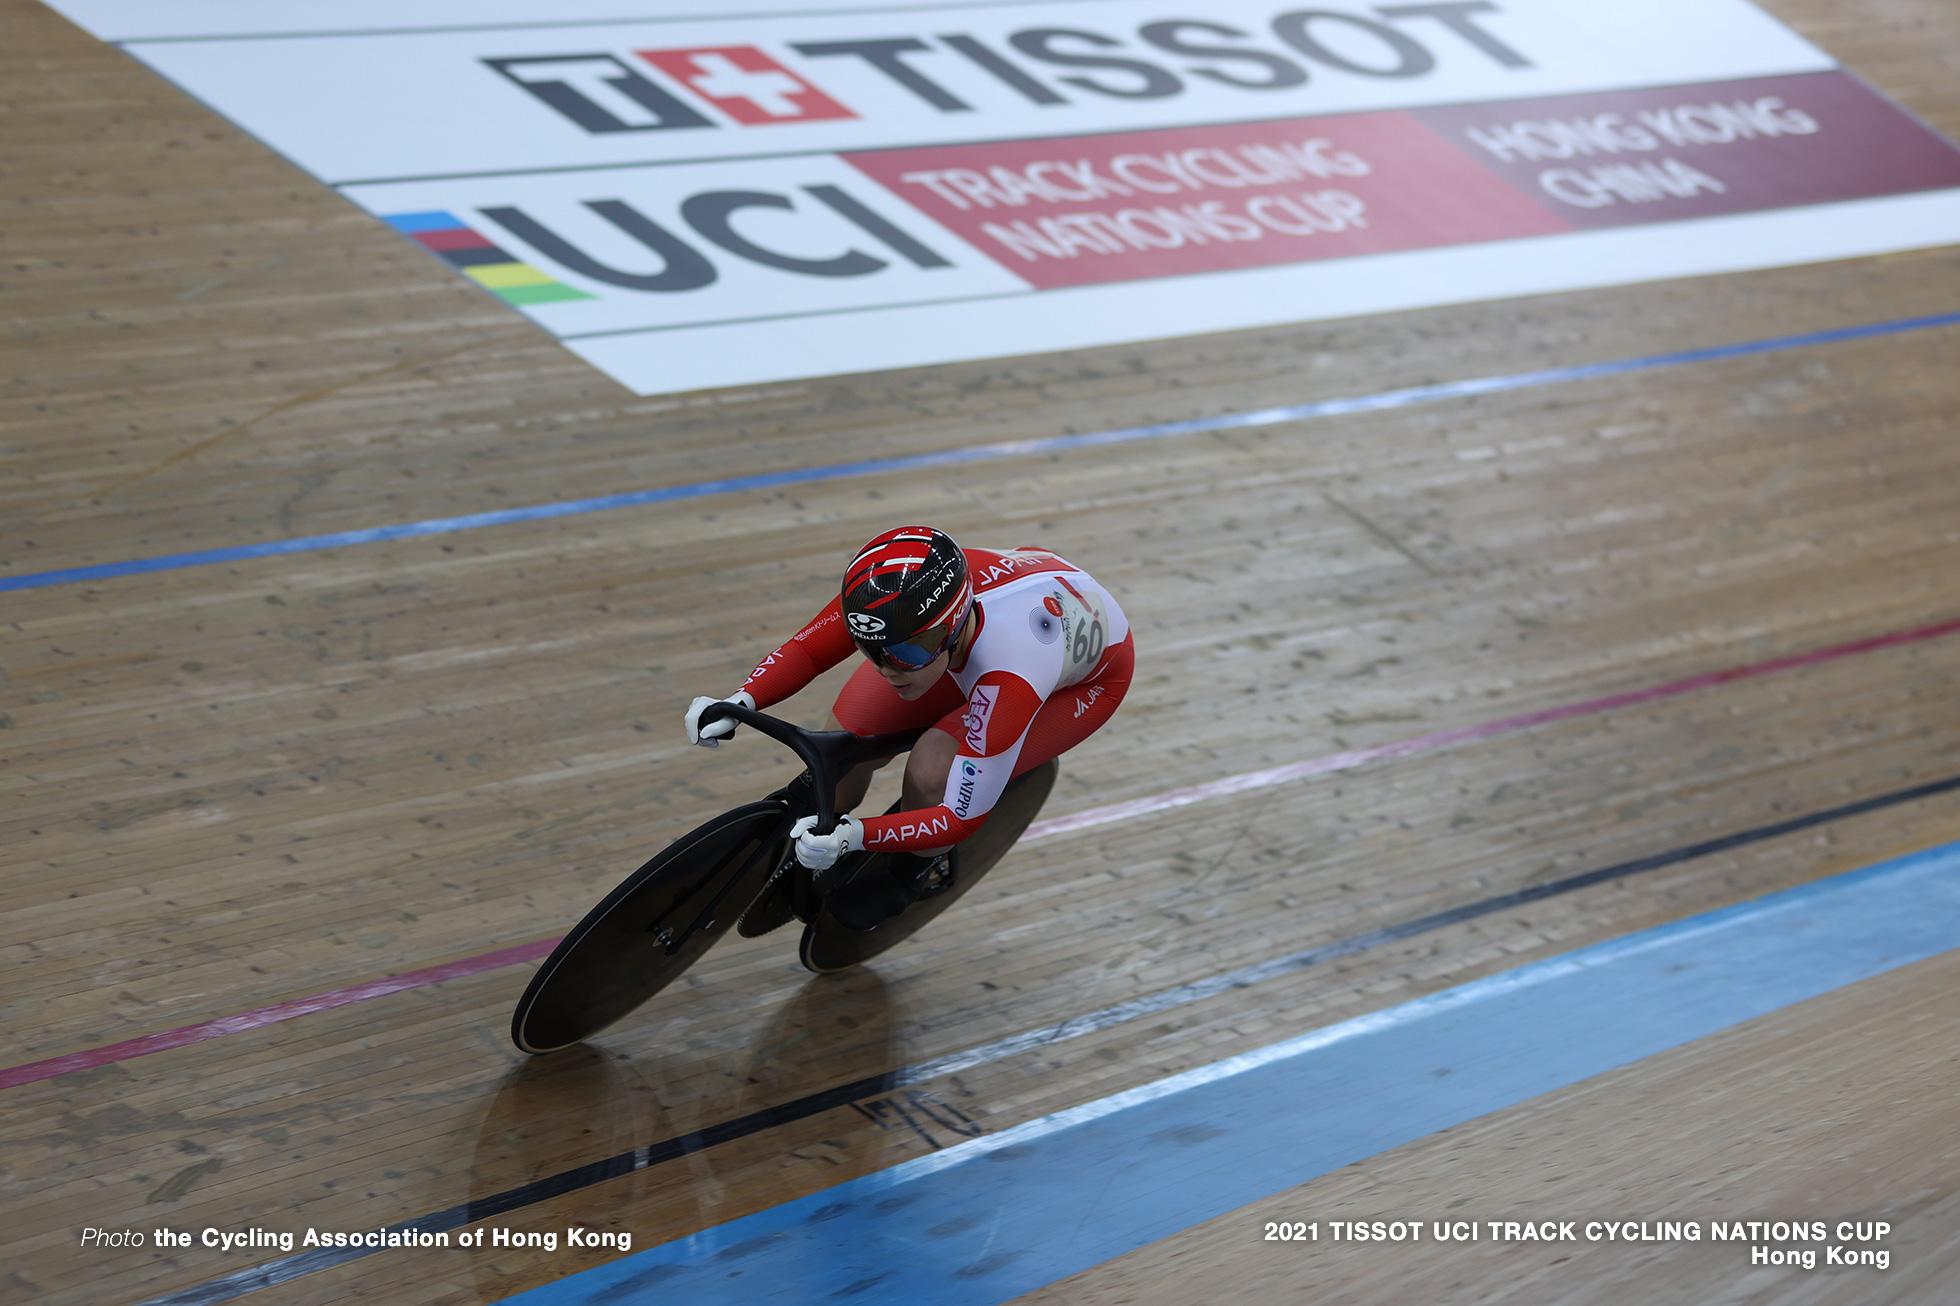 小林優香, Women's Sprint, TISSOT UCI TRACK CYCLING NATIONS CUP - HONG KONG